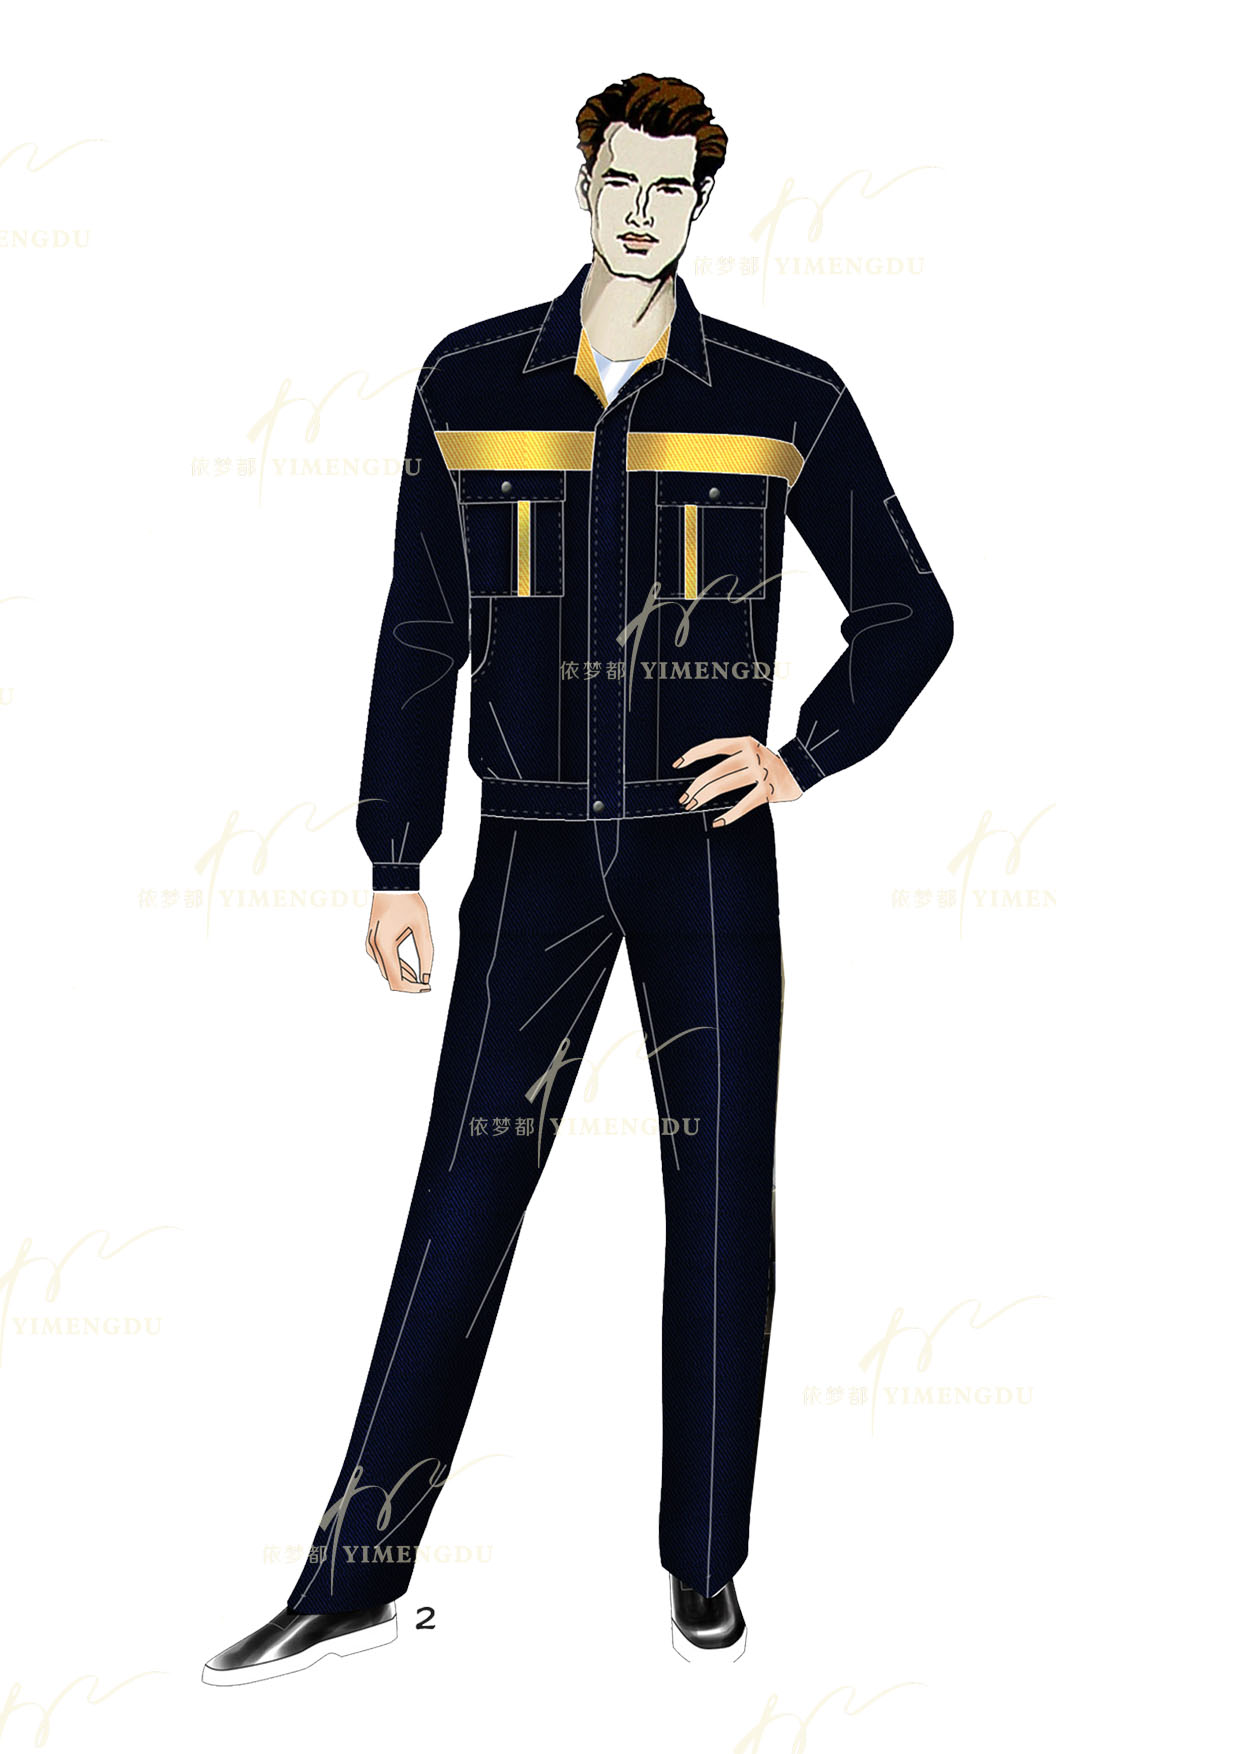 职业装-工人夹克